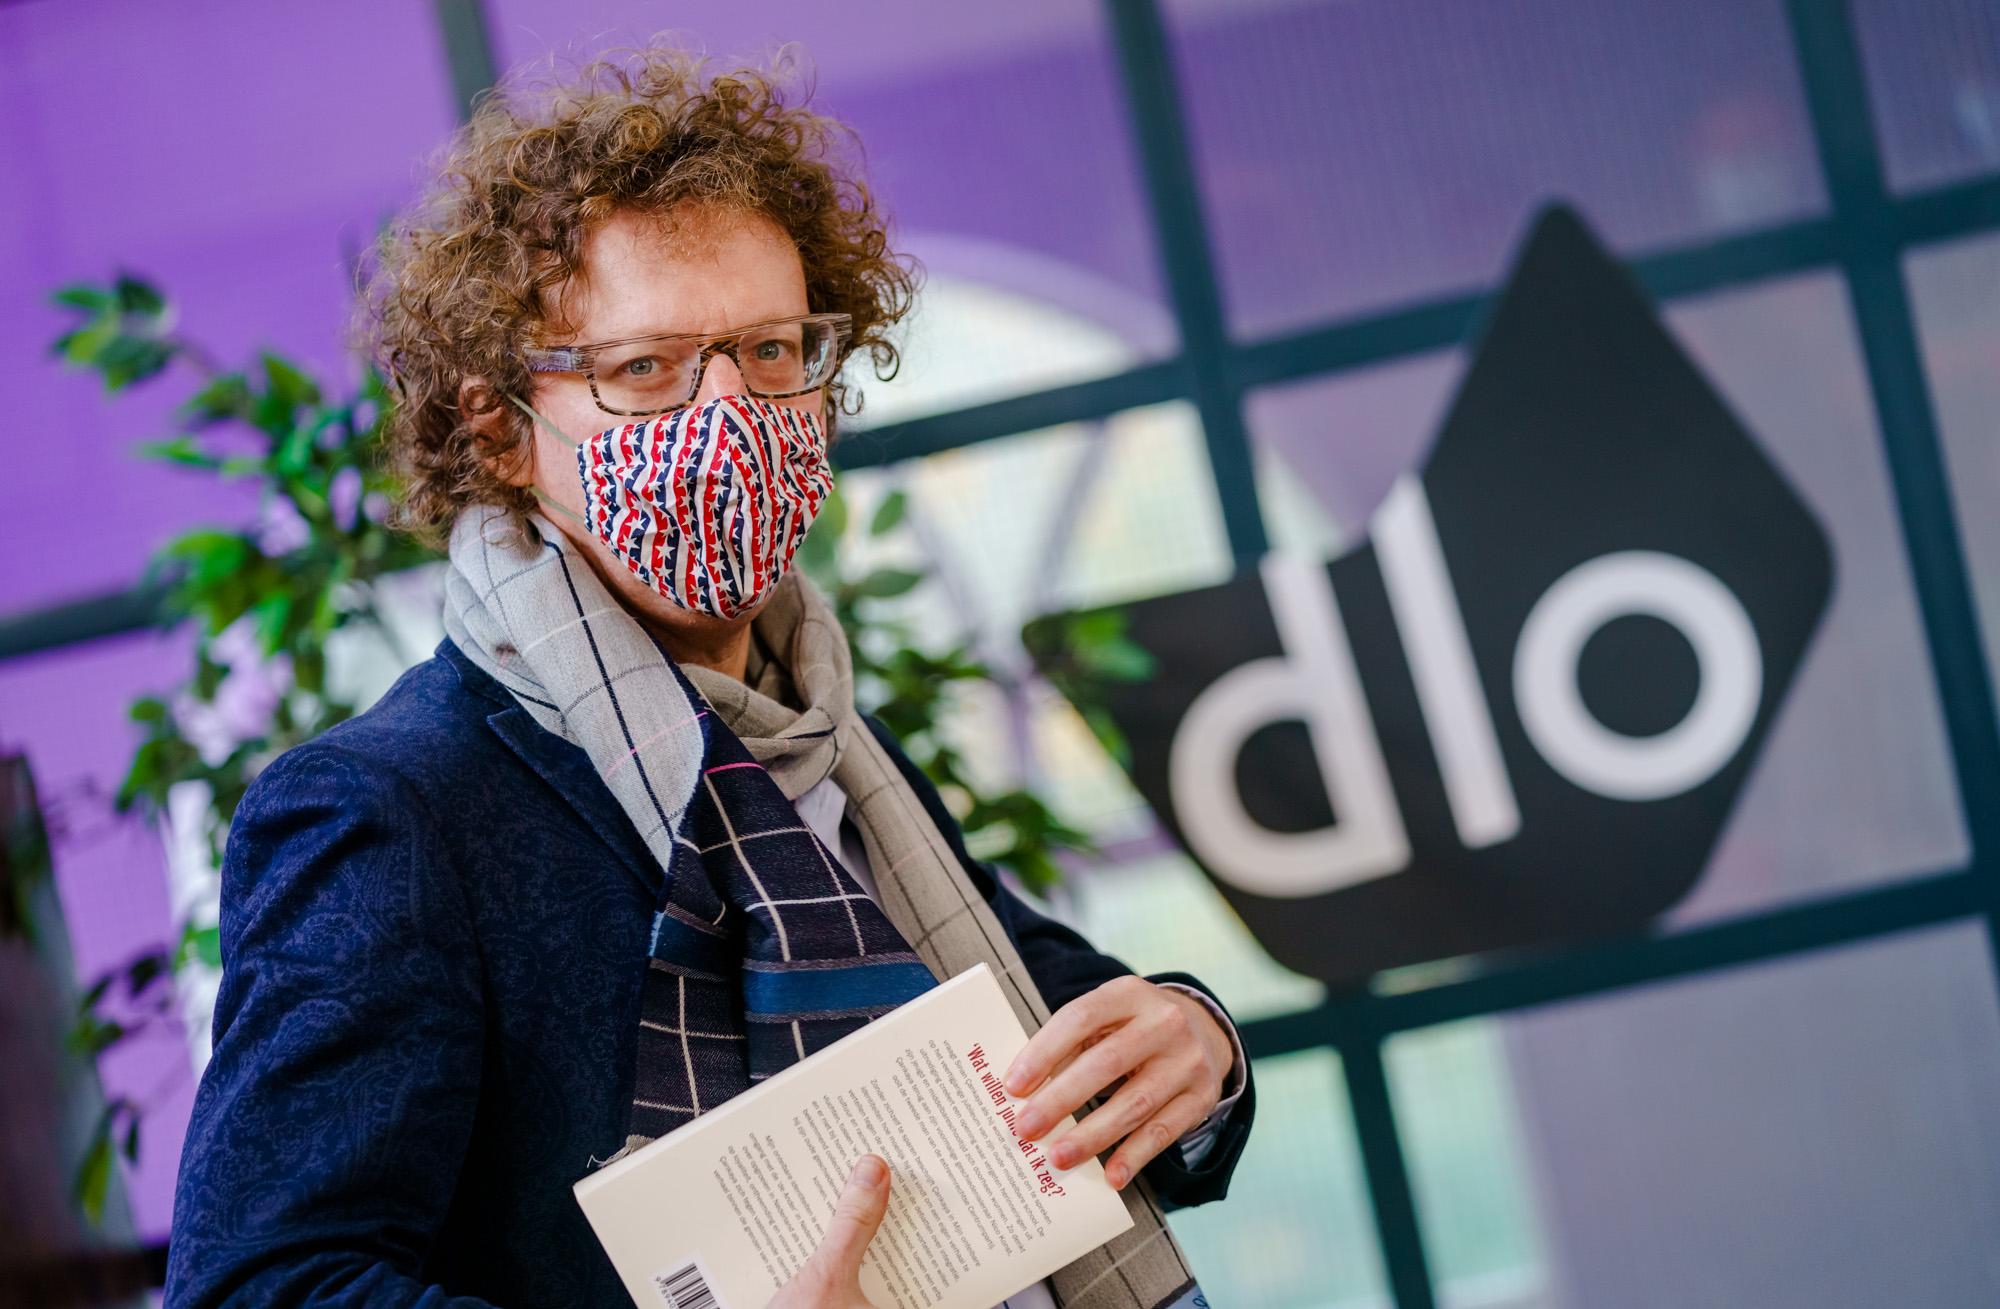 Van 12 theaterzalen naar online platform: Bruut Amsterdam produceert succesvolle online versie van de Dag van het Literatuuronderwijs